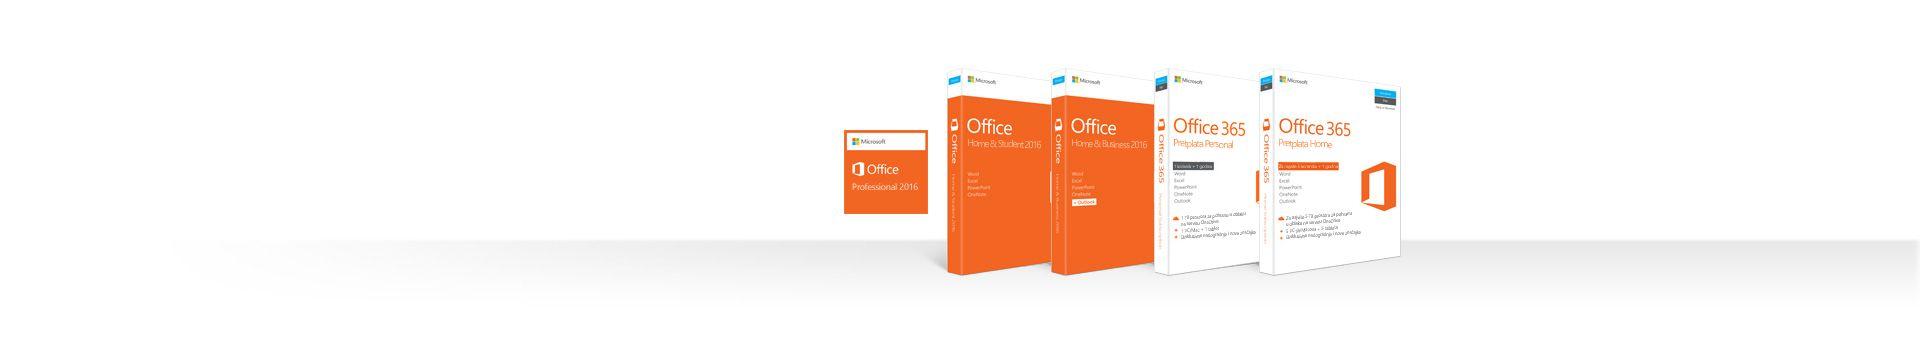 Red kutija s proizvodima sustava Office 2016 i Office 365 za PC